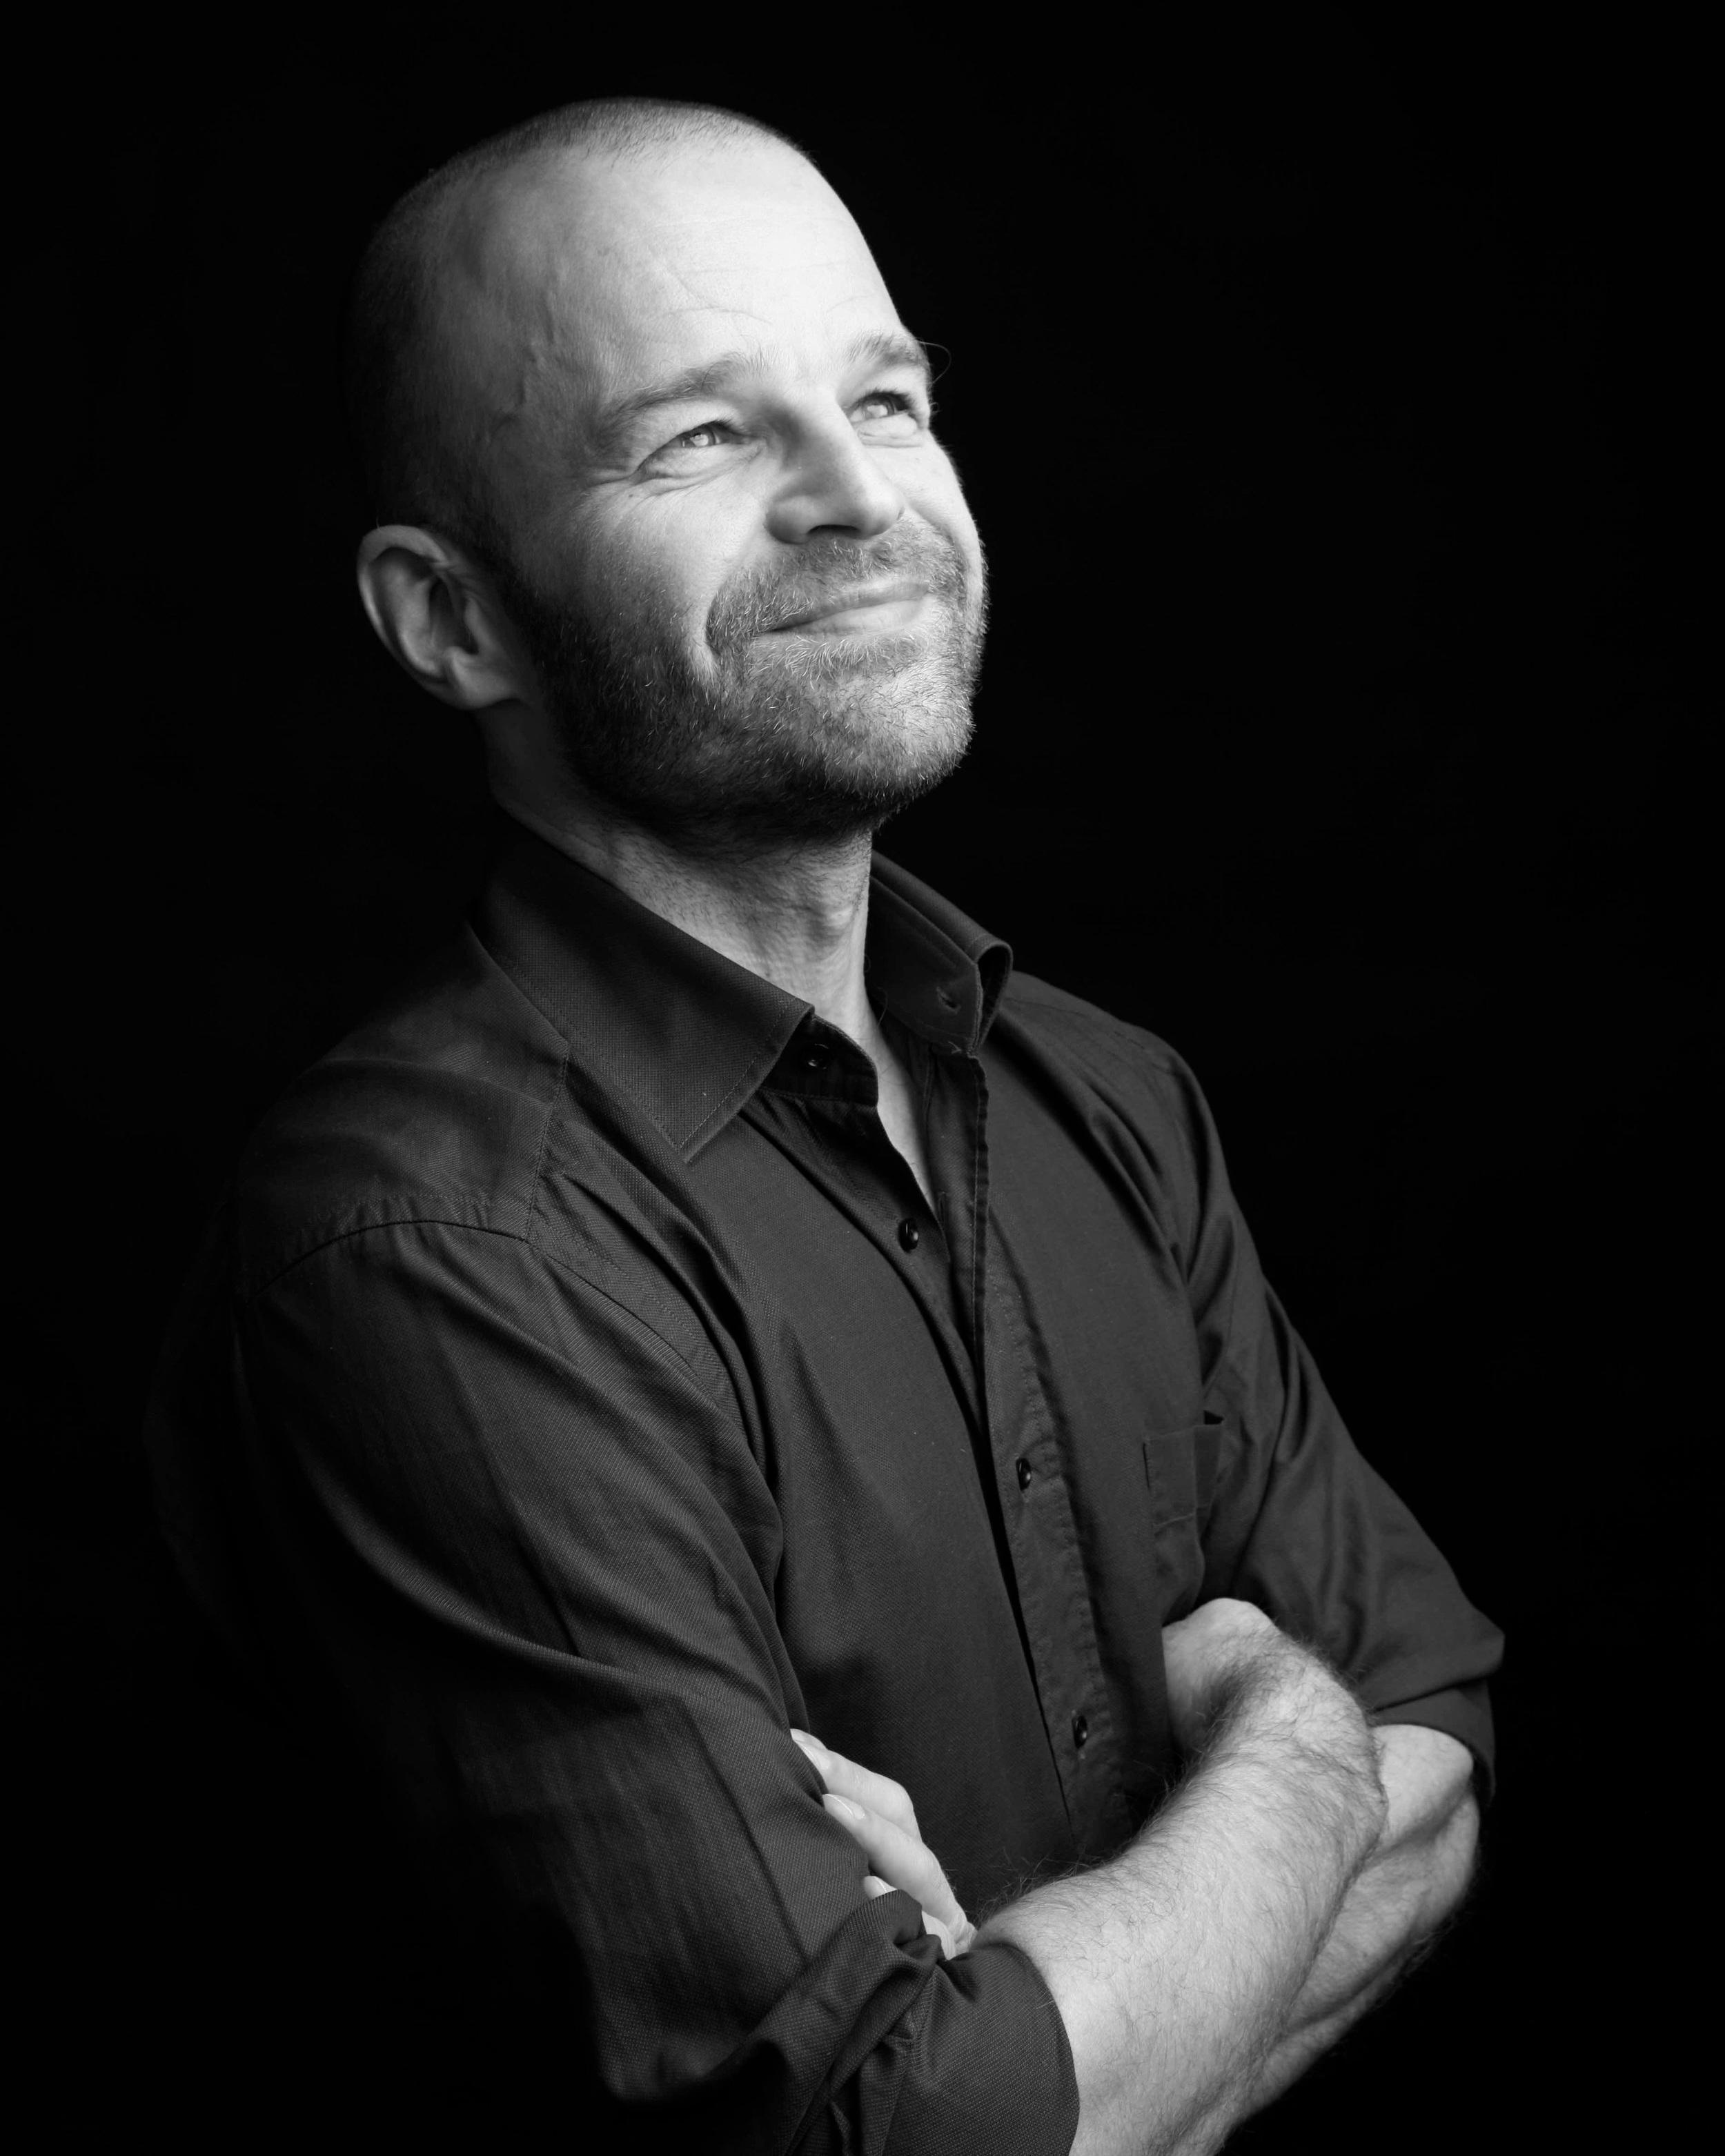 """Anders Hall Grøterud - (moderator) er leder av Senter for talentutvikling Barratt Due, og lærer i Prestasjonsprosess for utøvende musikere på høyskolenivå. Han er tidligere landslagstrener i triatlon med hovedfag i idrettspsykologi, og har skrevet boken """"Sporty business – hvordan lykkes på jobb med toppidrettens metoder"""". Han har bred erfaring som leder og konsulent, og som rådgiver for utøvere innen idrett, musikk og næringsliv. Anders er også tidligere Sølvgutt og litt stolt av å være i slekt med Pauline Hall."""